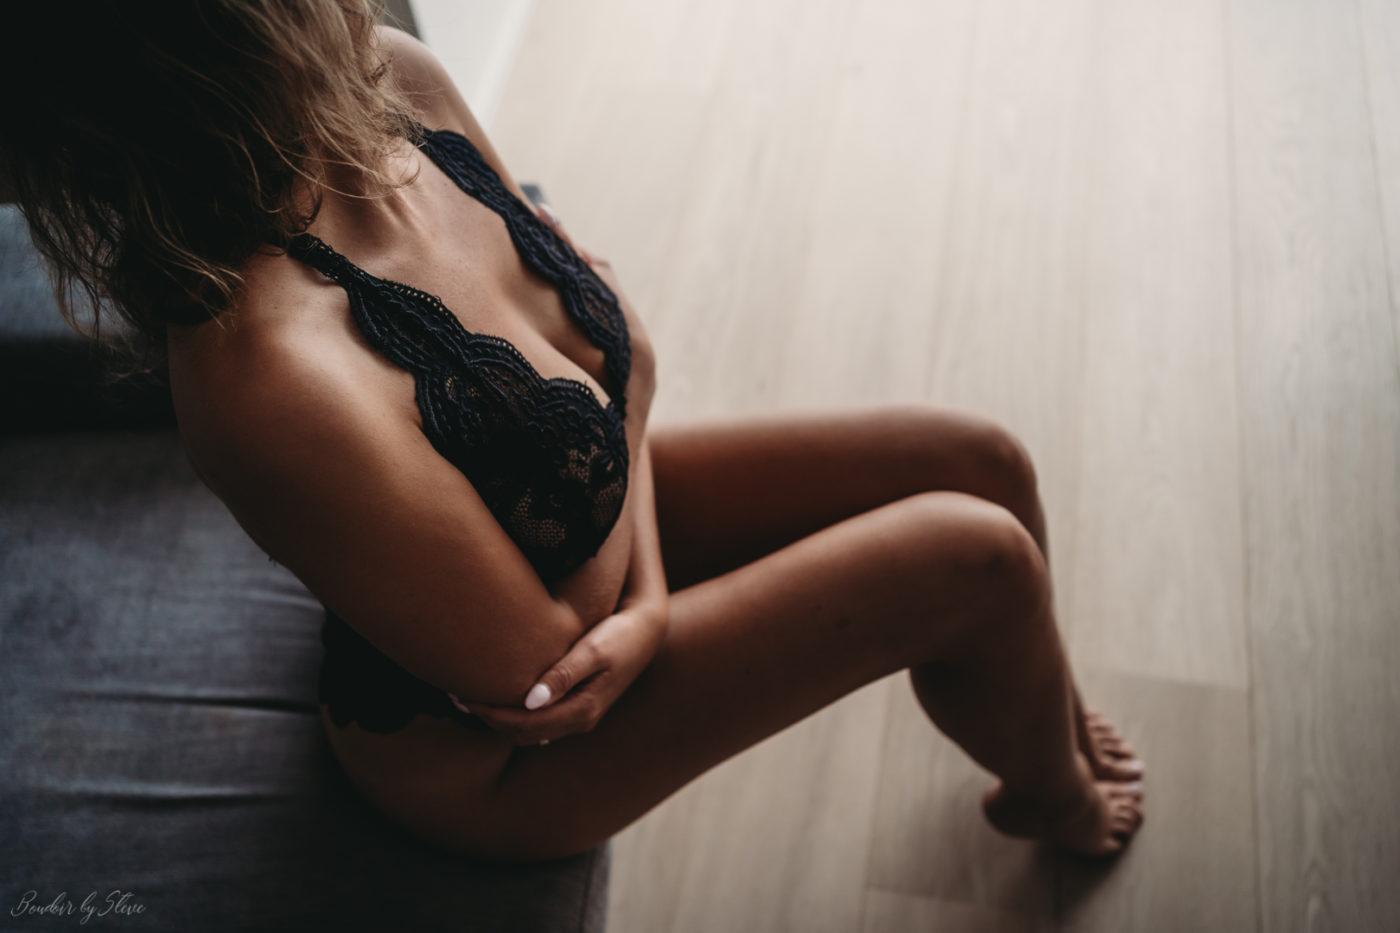 Envie de célébrer votre féminité et sensualité ? Optez pour une expérience boudoir